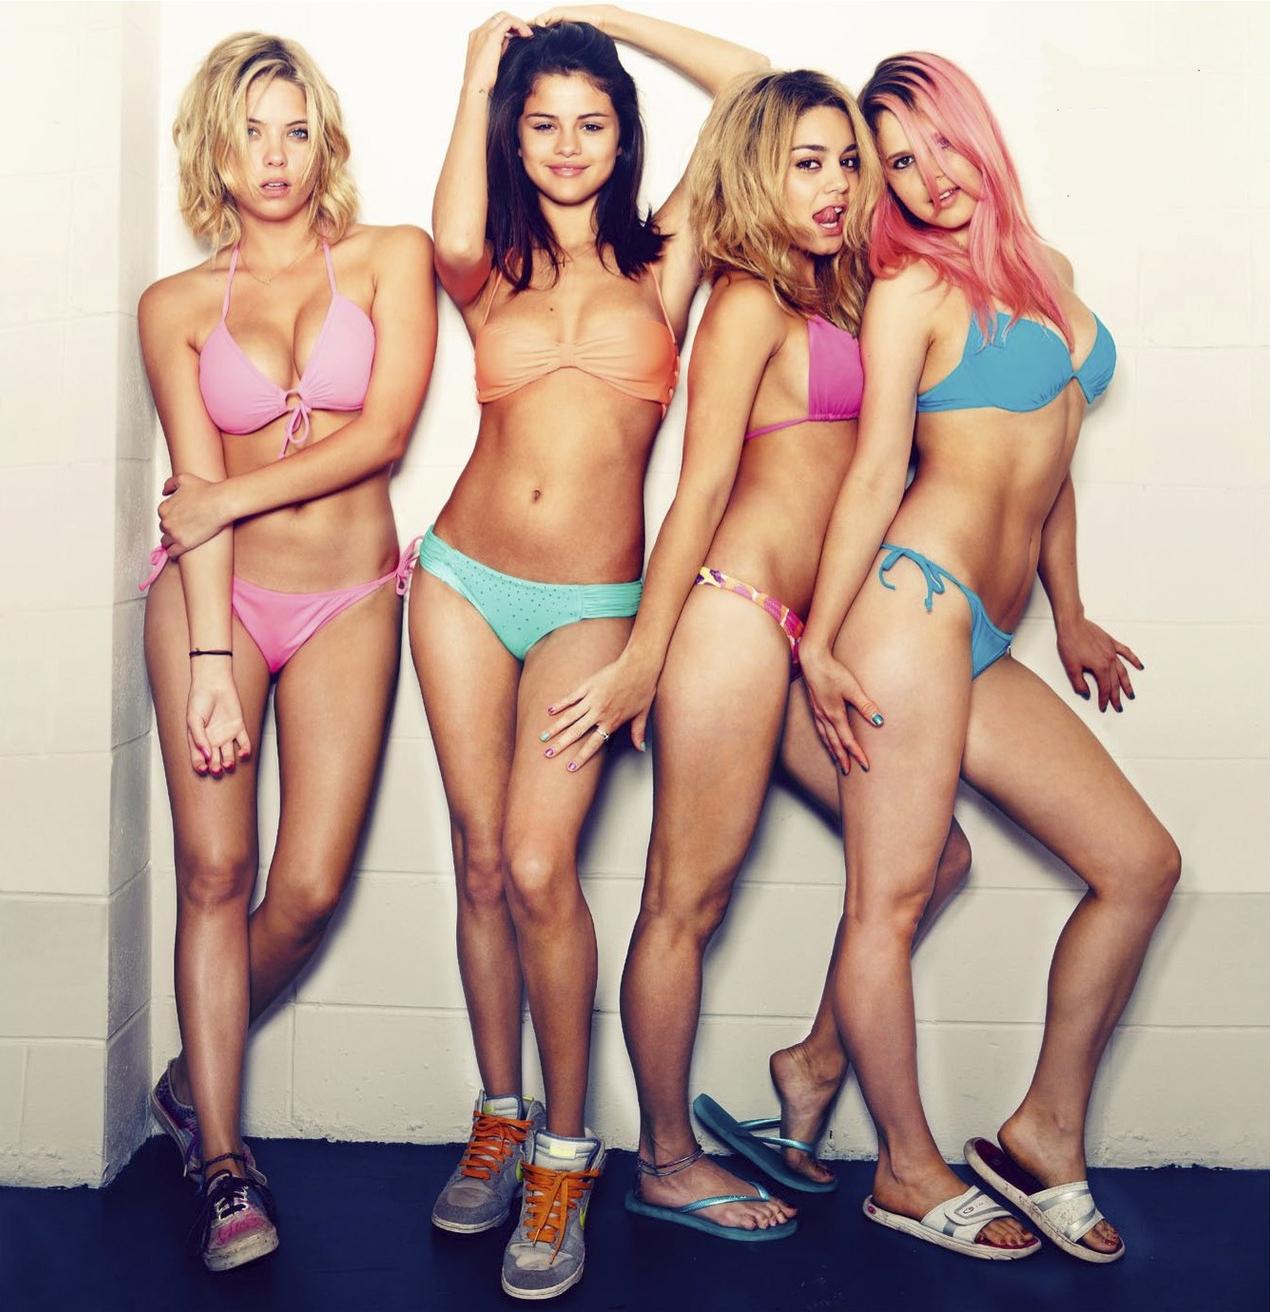 gomez spring breakers fakes Selena